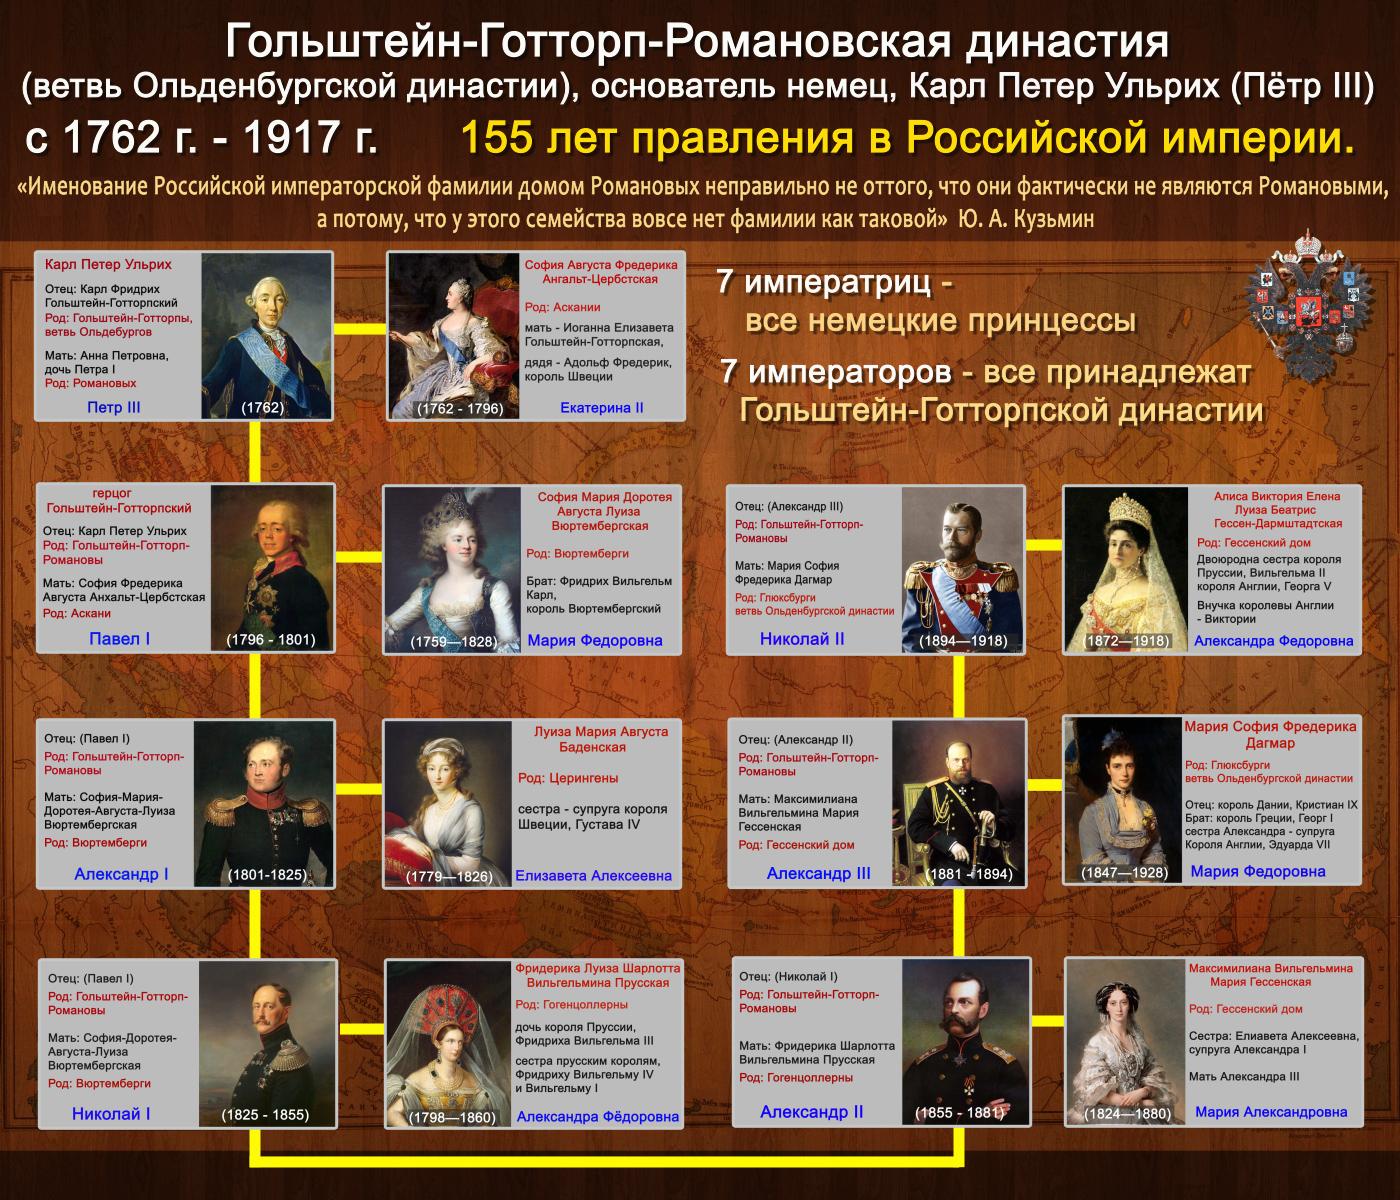 http://images.vfl.ru/ii/1536523253/931a8303/23264517.jpg